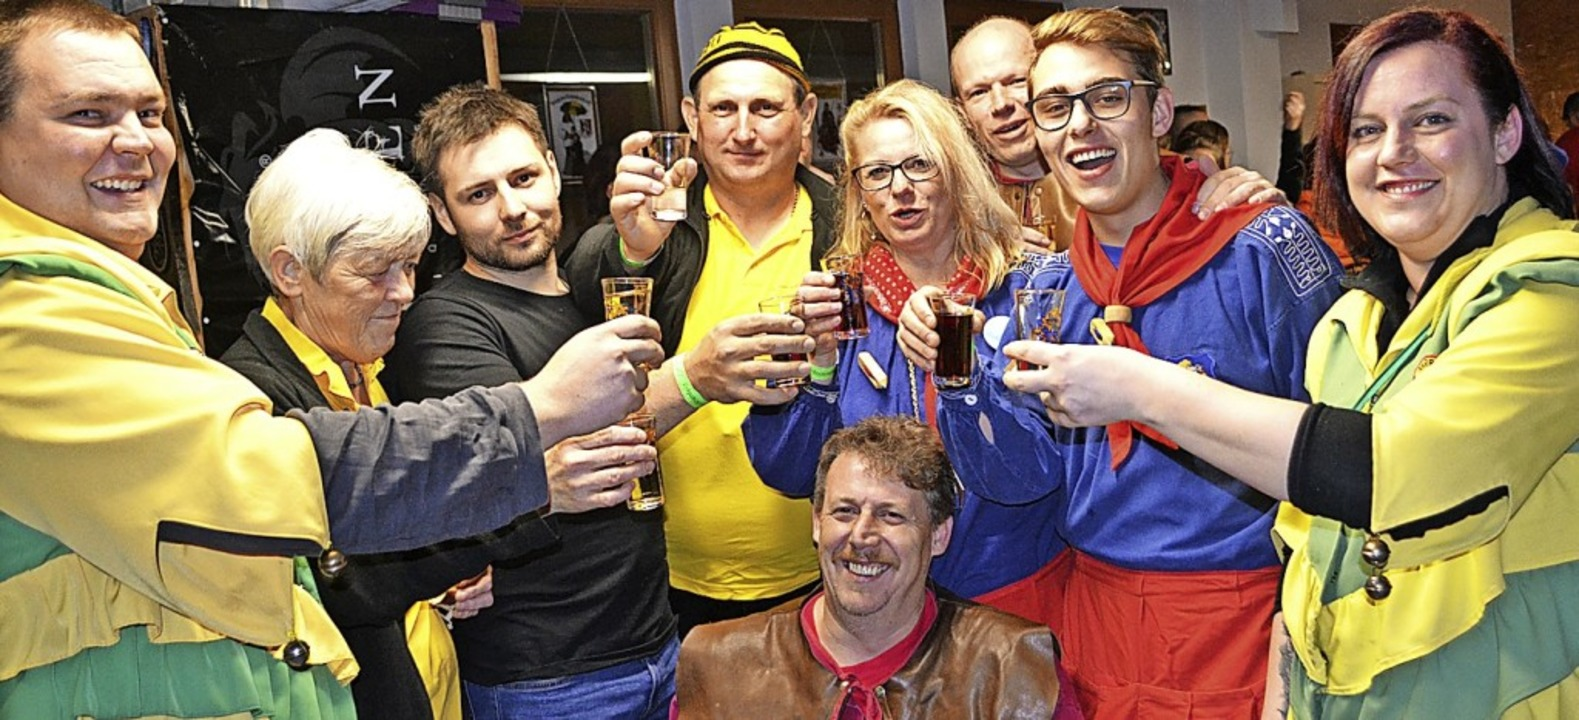 Ein Hoch auf die fünfte Jahreszeit: Pa...befreundeter Zünfte beim Zunftmeister     Foto: Paul Berger